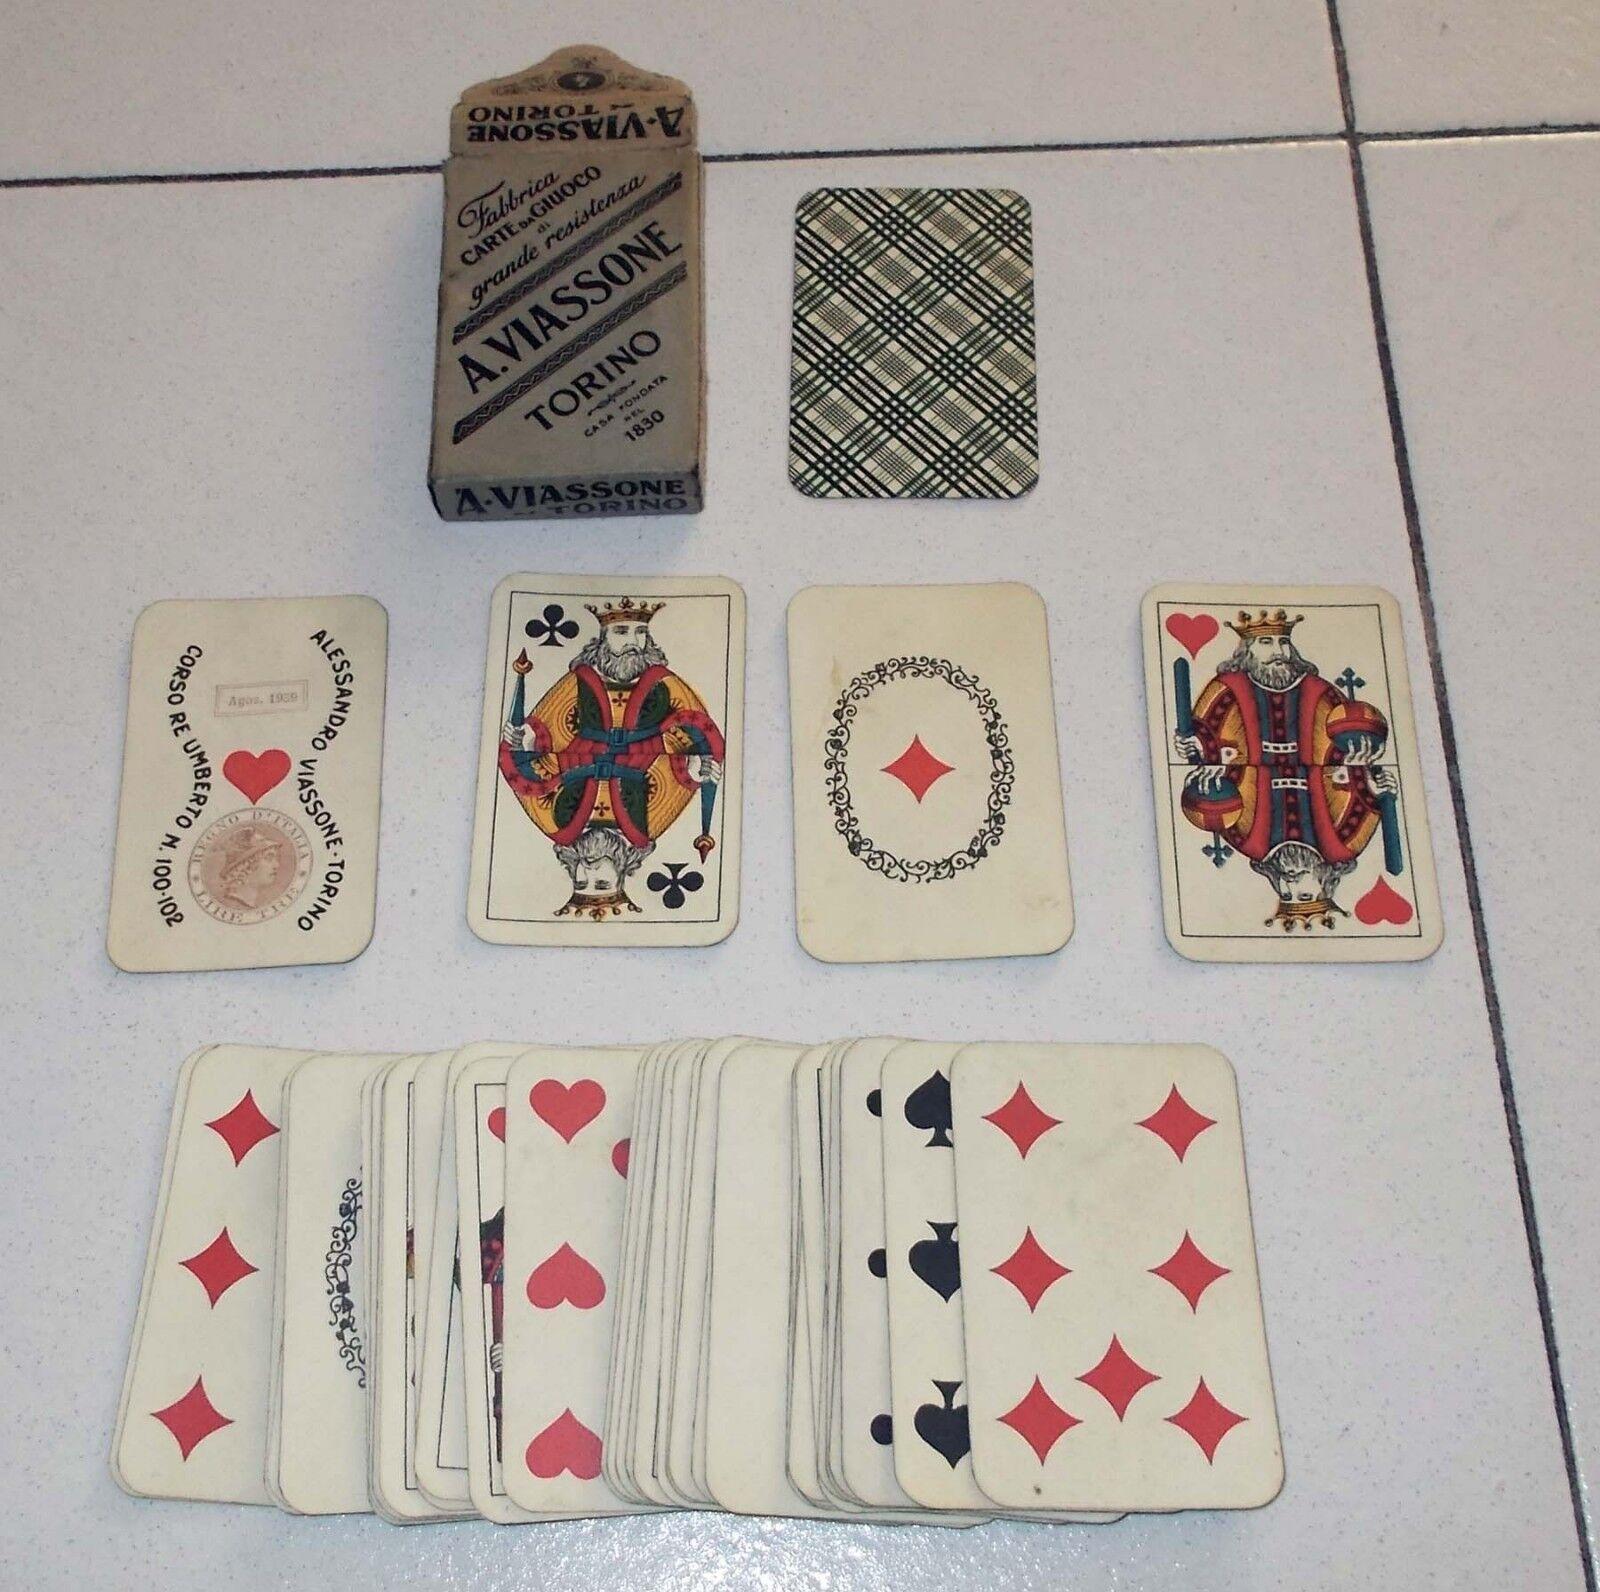 Carte da giuoco VIASSONE TORINO 1939 Regno d'Italia  Playing cards 40 carte